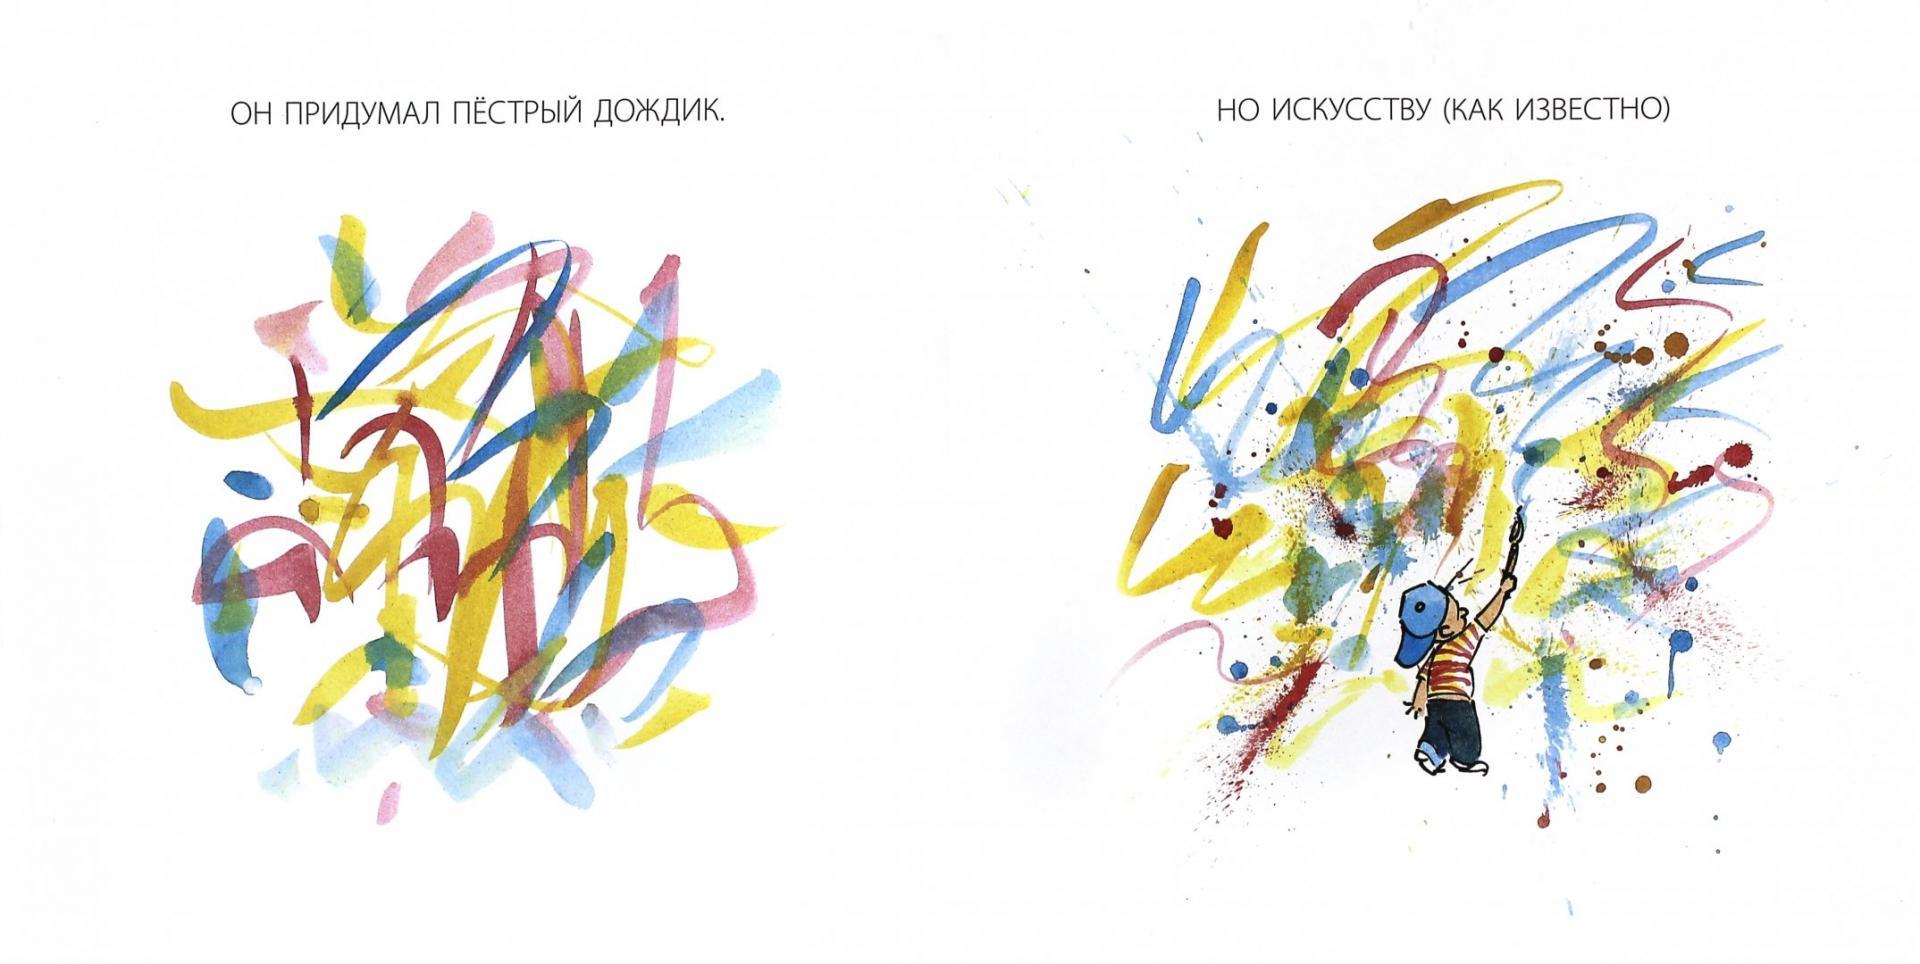 Иллюстрация 1 из 13 для Искусство - Патрик Макдоннелл | Лабиринт - книги. Источник: Лабиринт